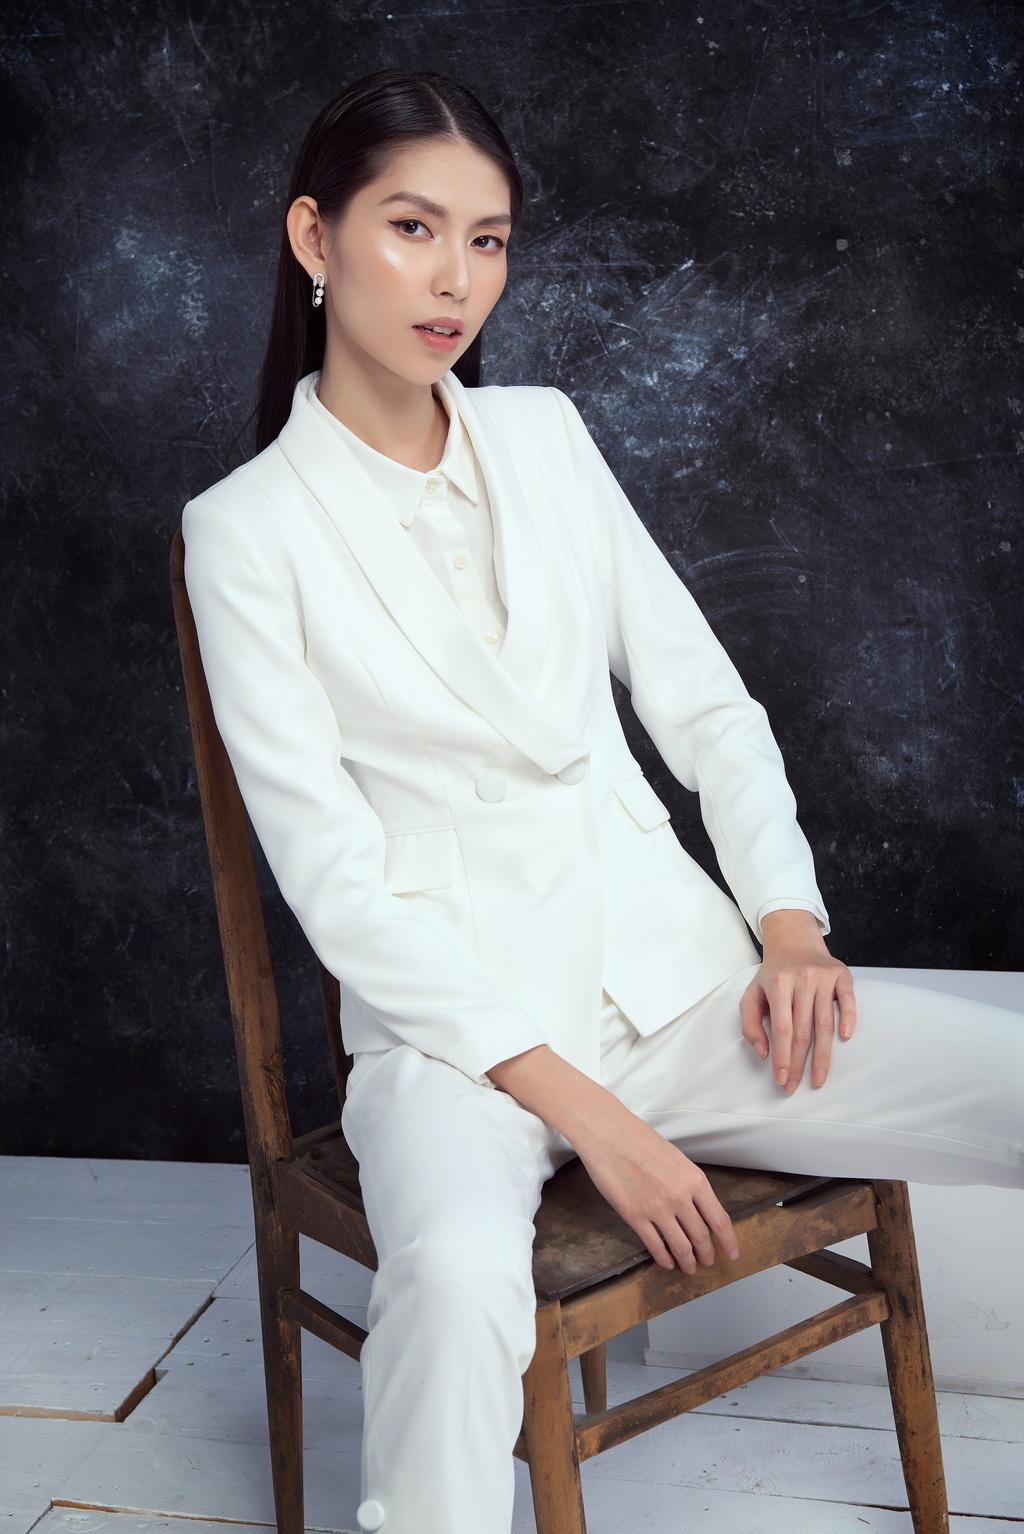 Team Sang Next Top khoe ca tinh trong bo anh chup chung hinh anh 4